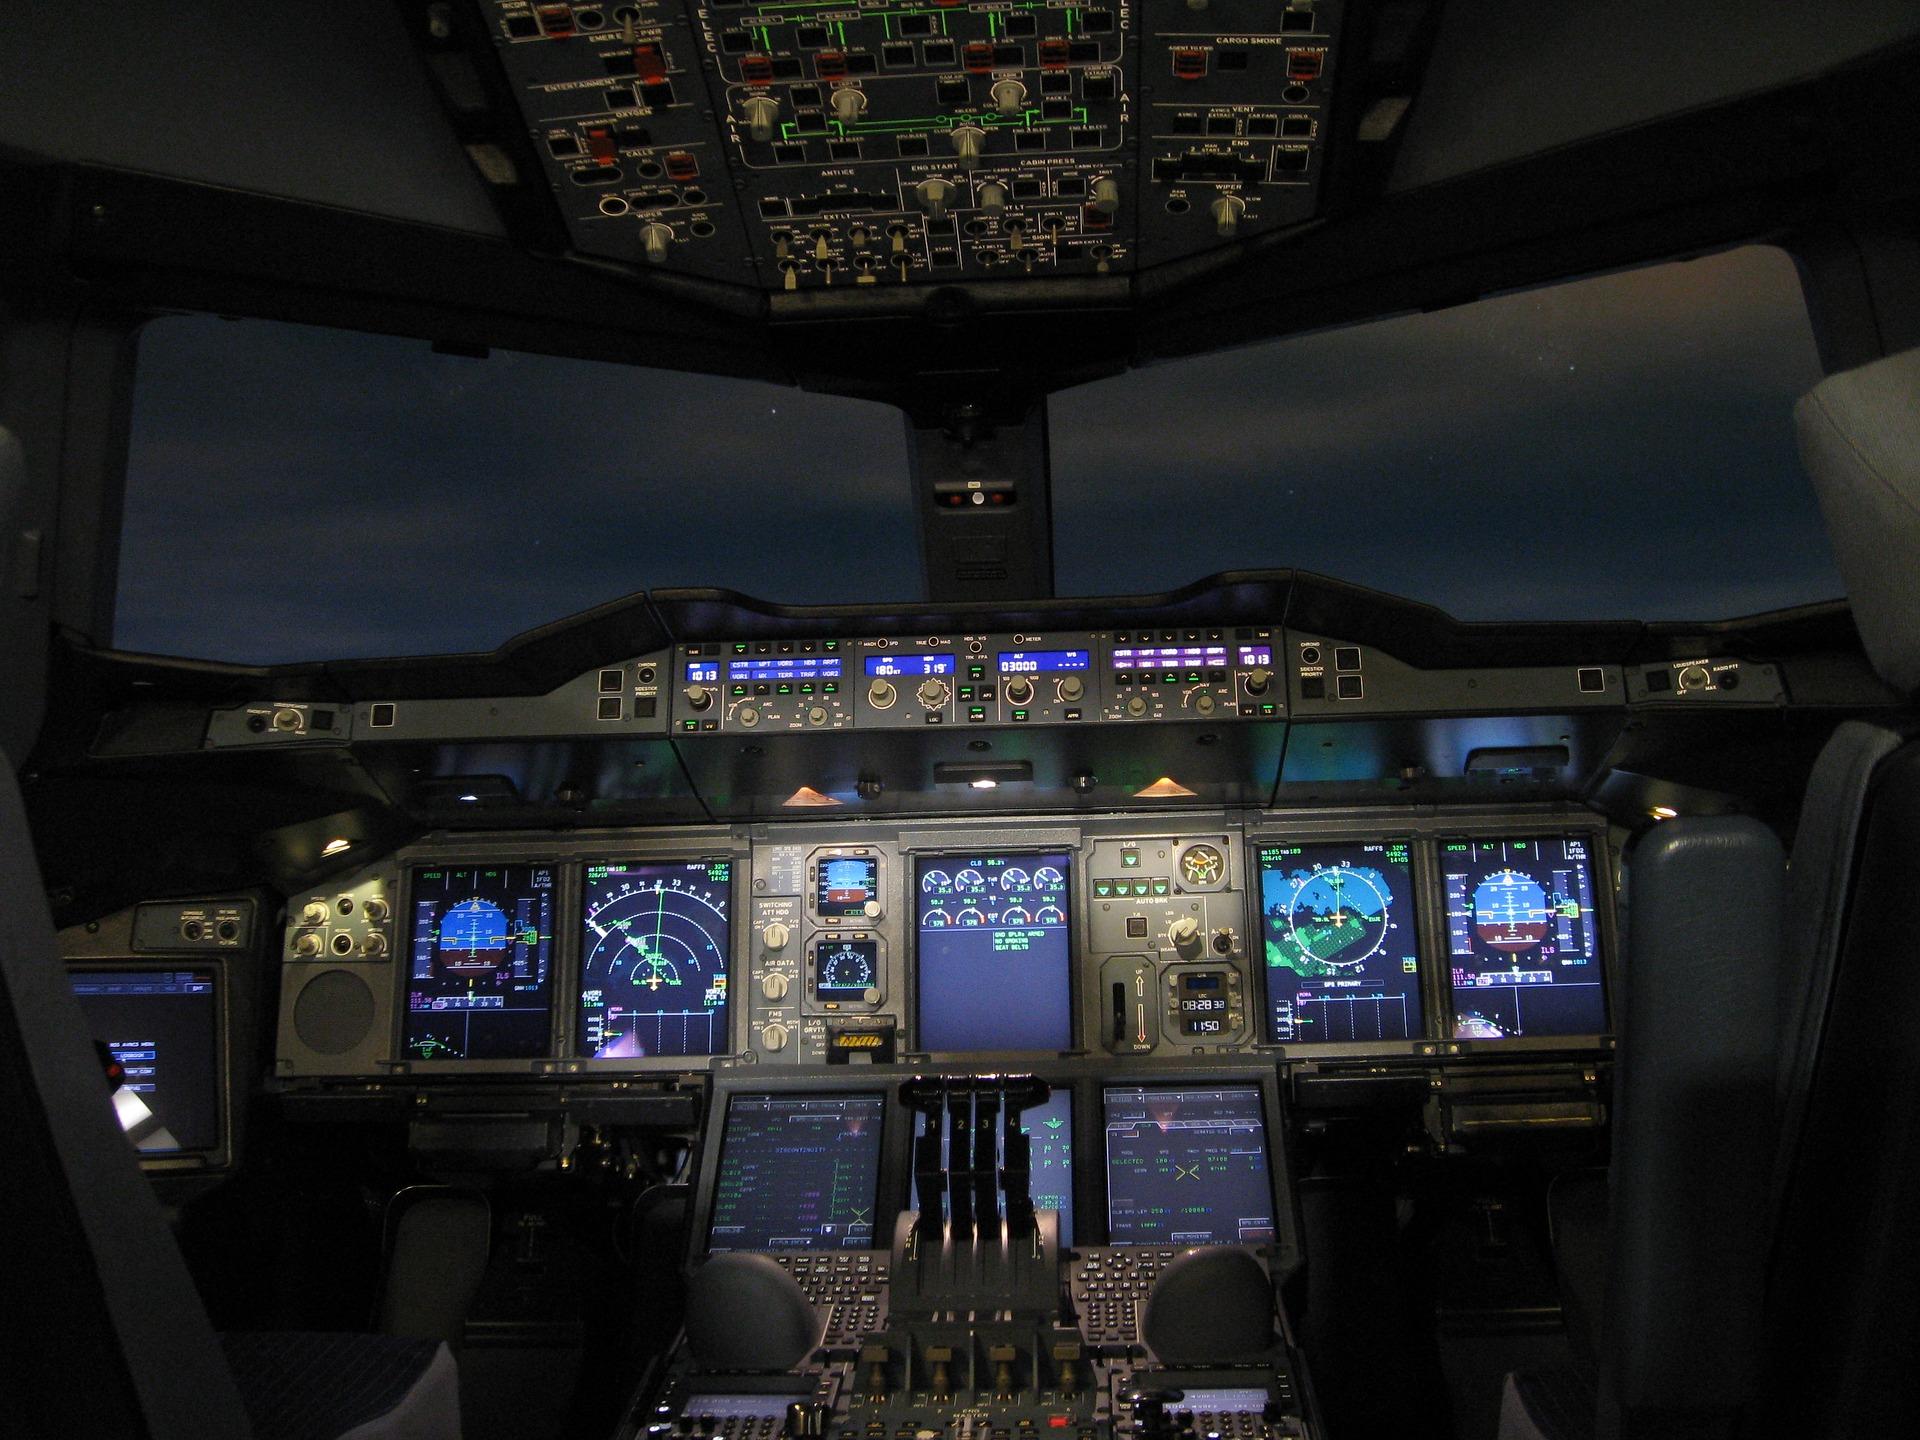 无人驾驶飞机不是梦,空客首次实现飞机全自动起飞!